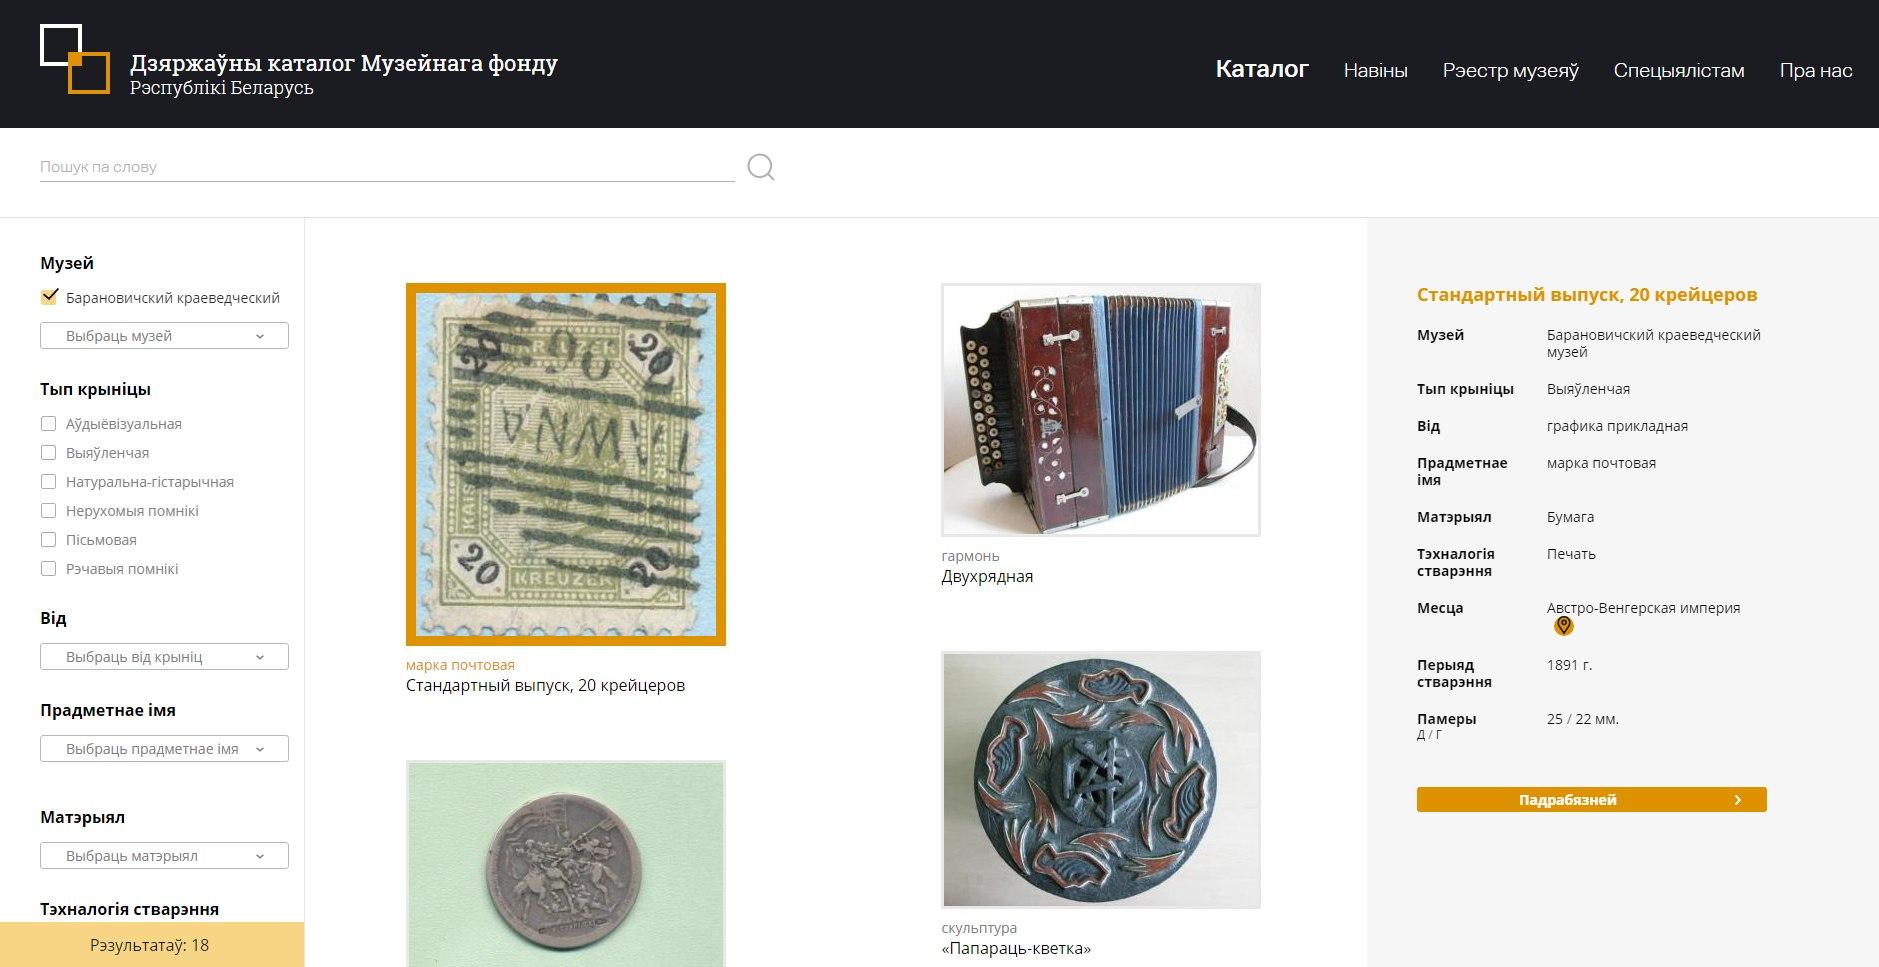 онлайн каталог экспанатов